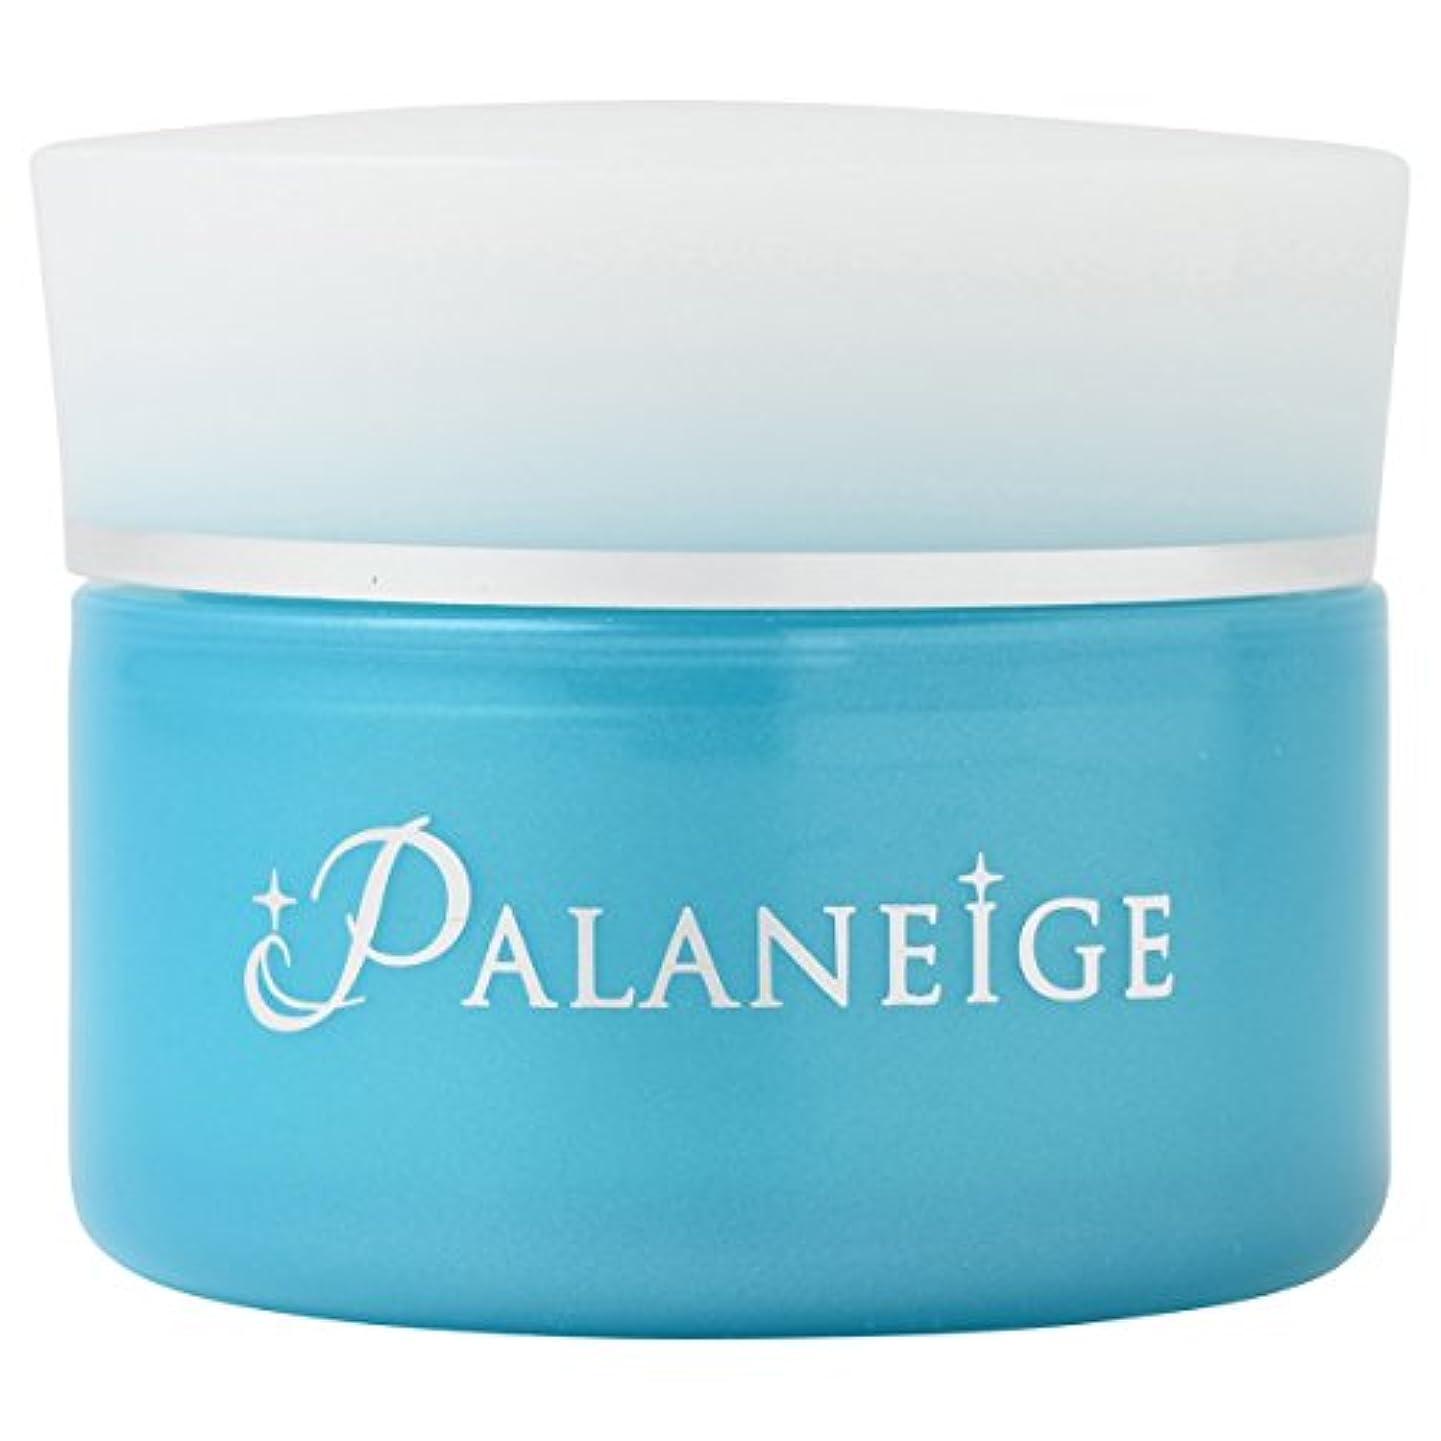 ひも隔離ちょうつがいパラネージュ ( Palaneige ) アルブチンの8倍の美白効果とプラセンタの250倍の美白有効成分があるパラオの白泥を利用した クレイパック